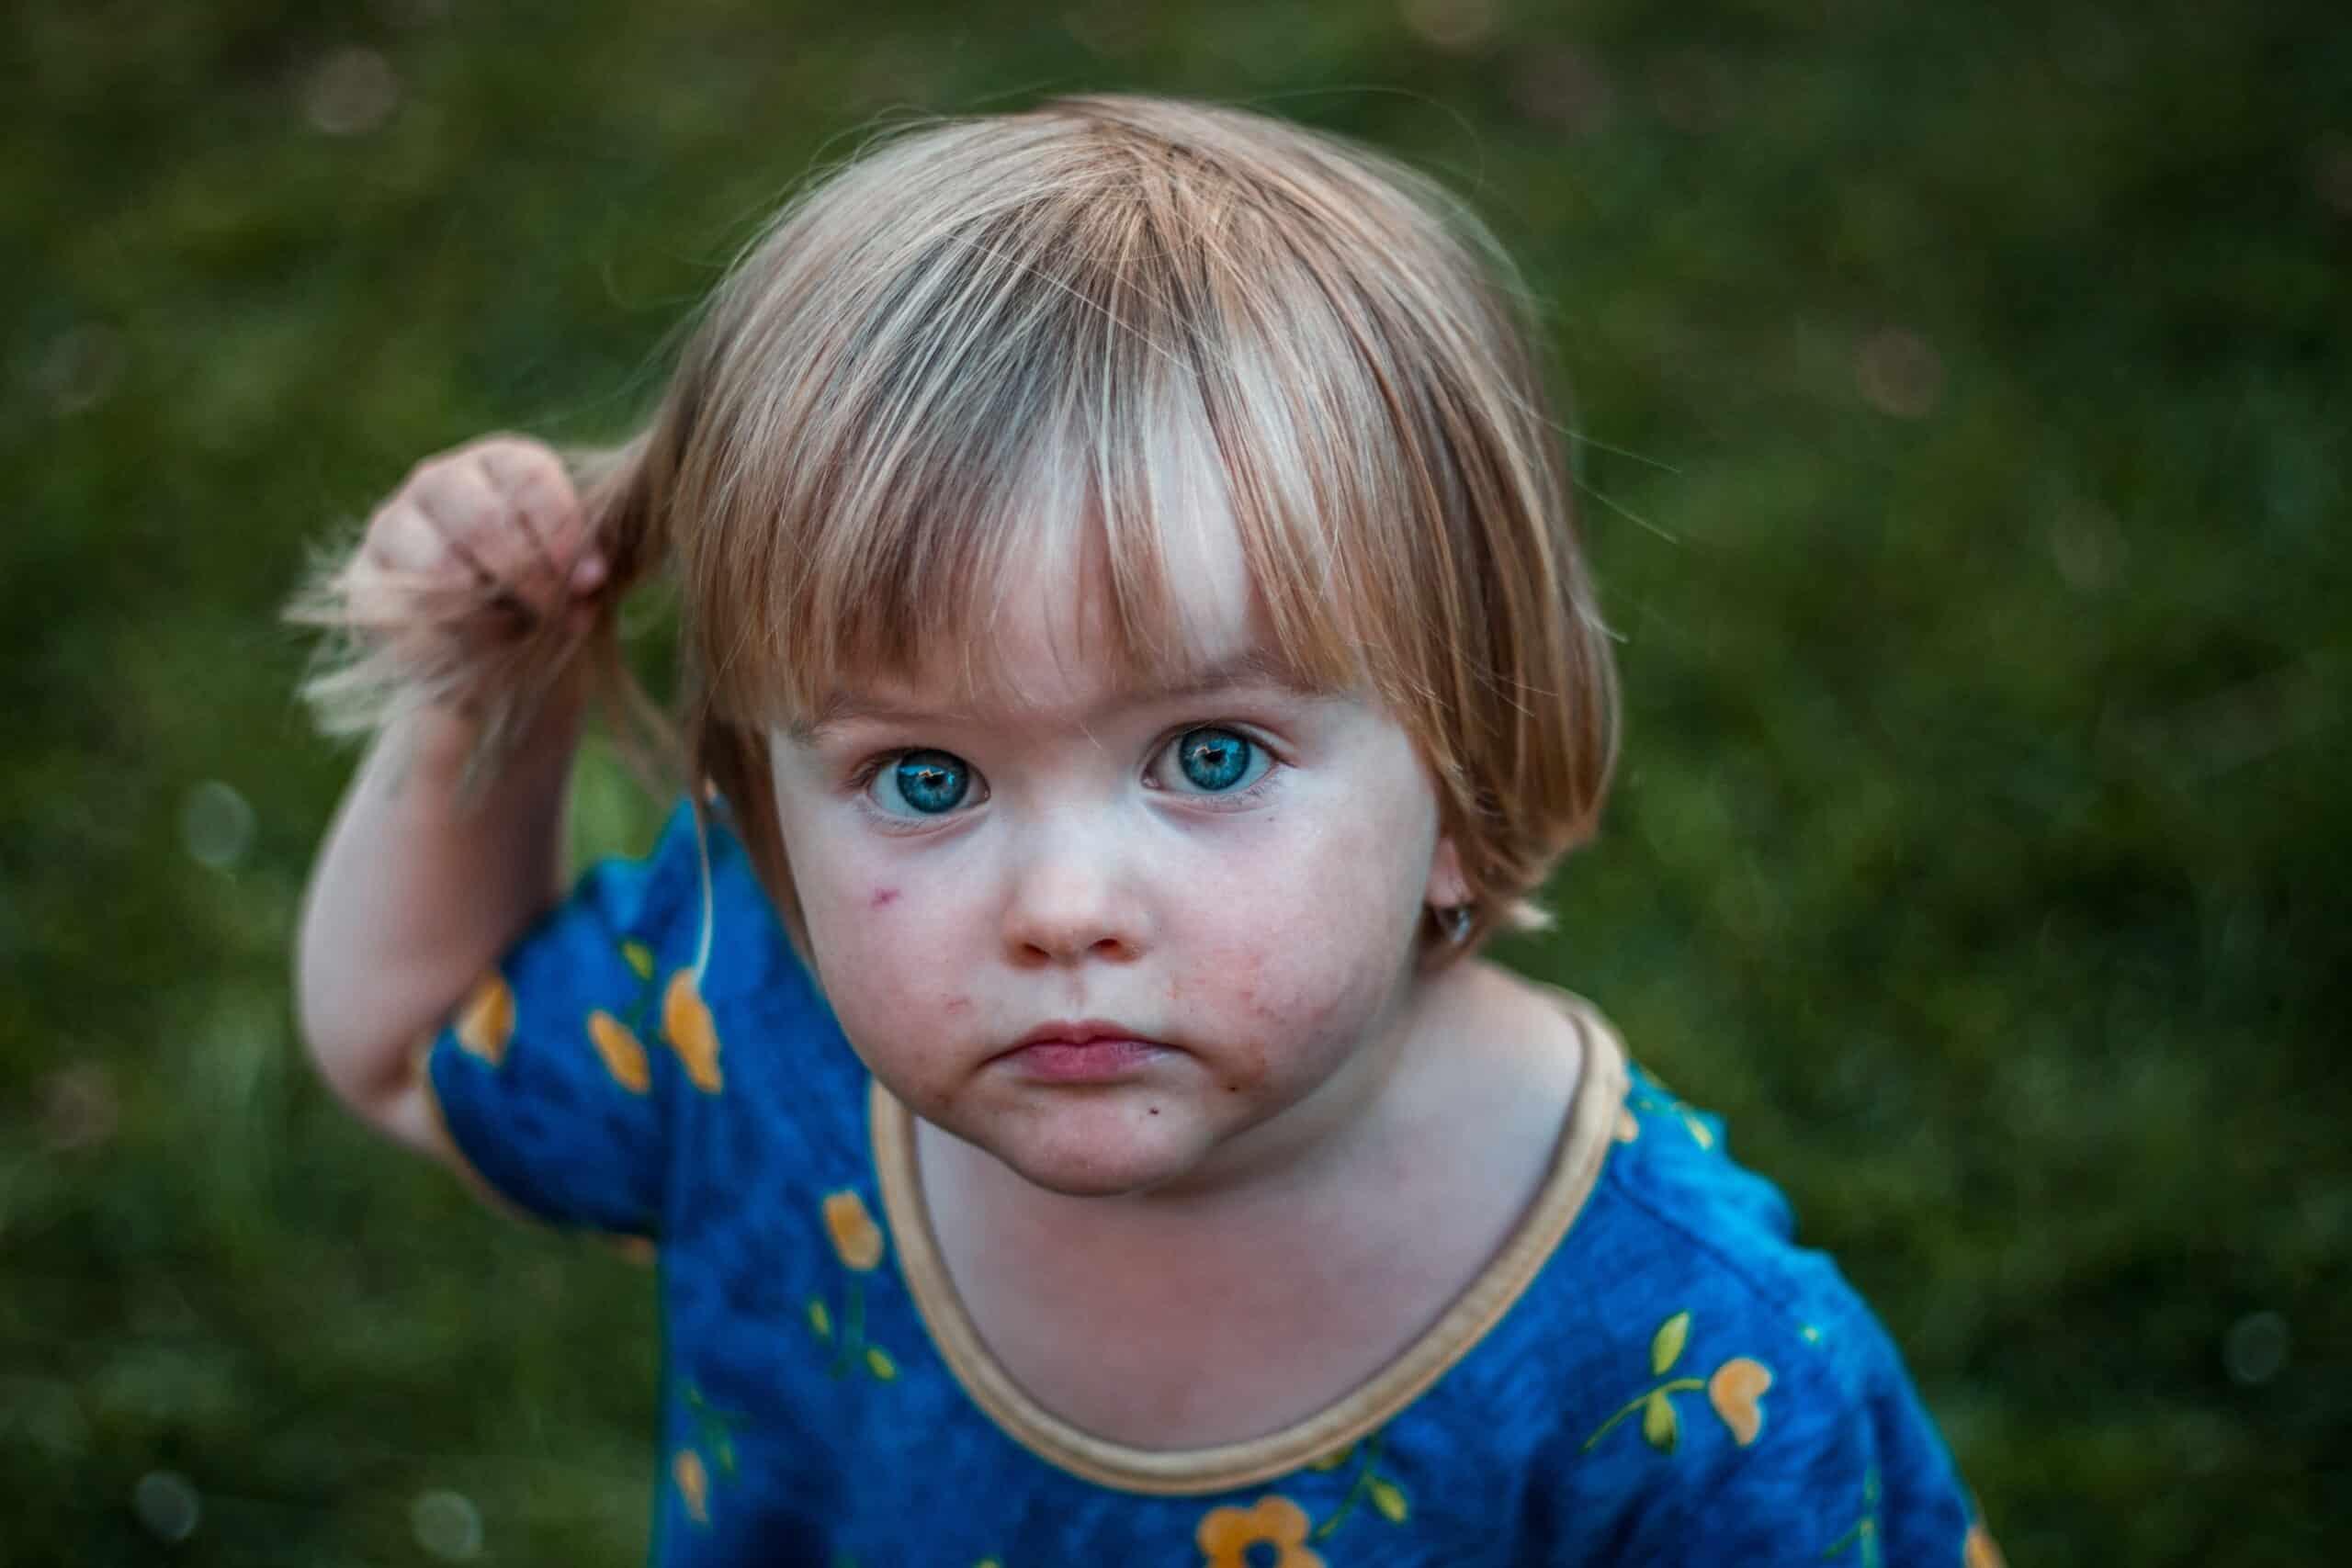 Copiii de 2 ani sunt si ei magici